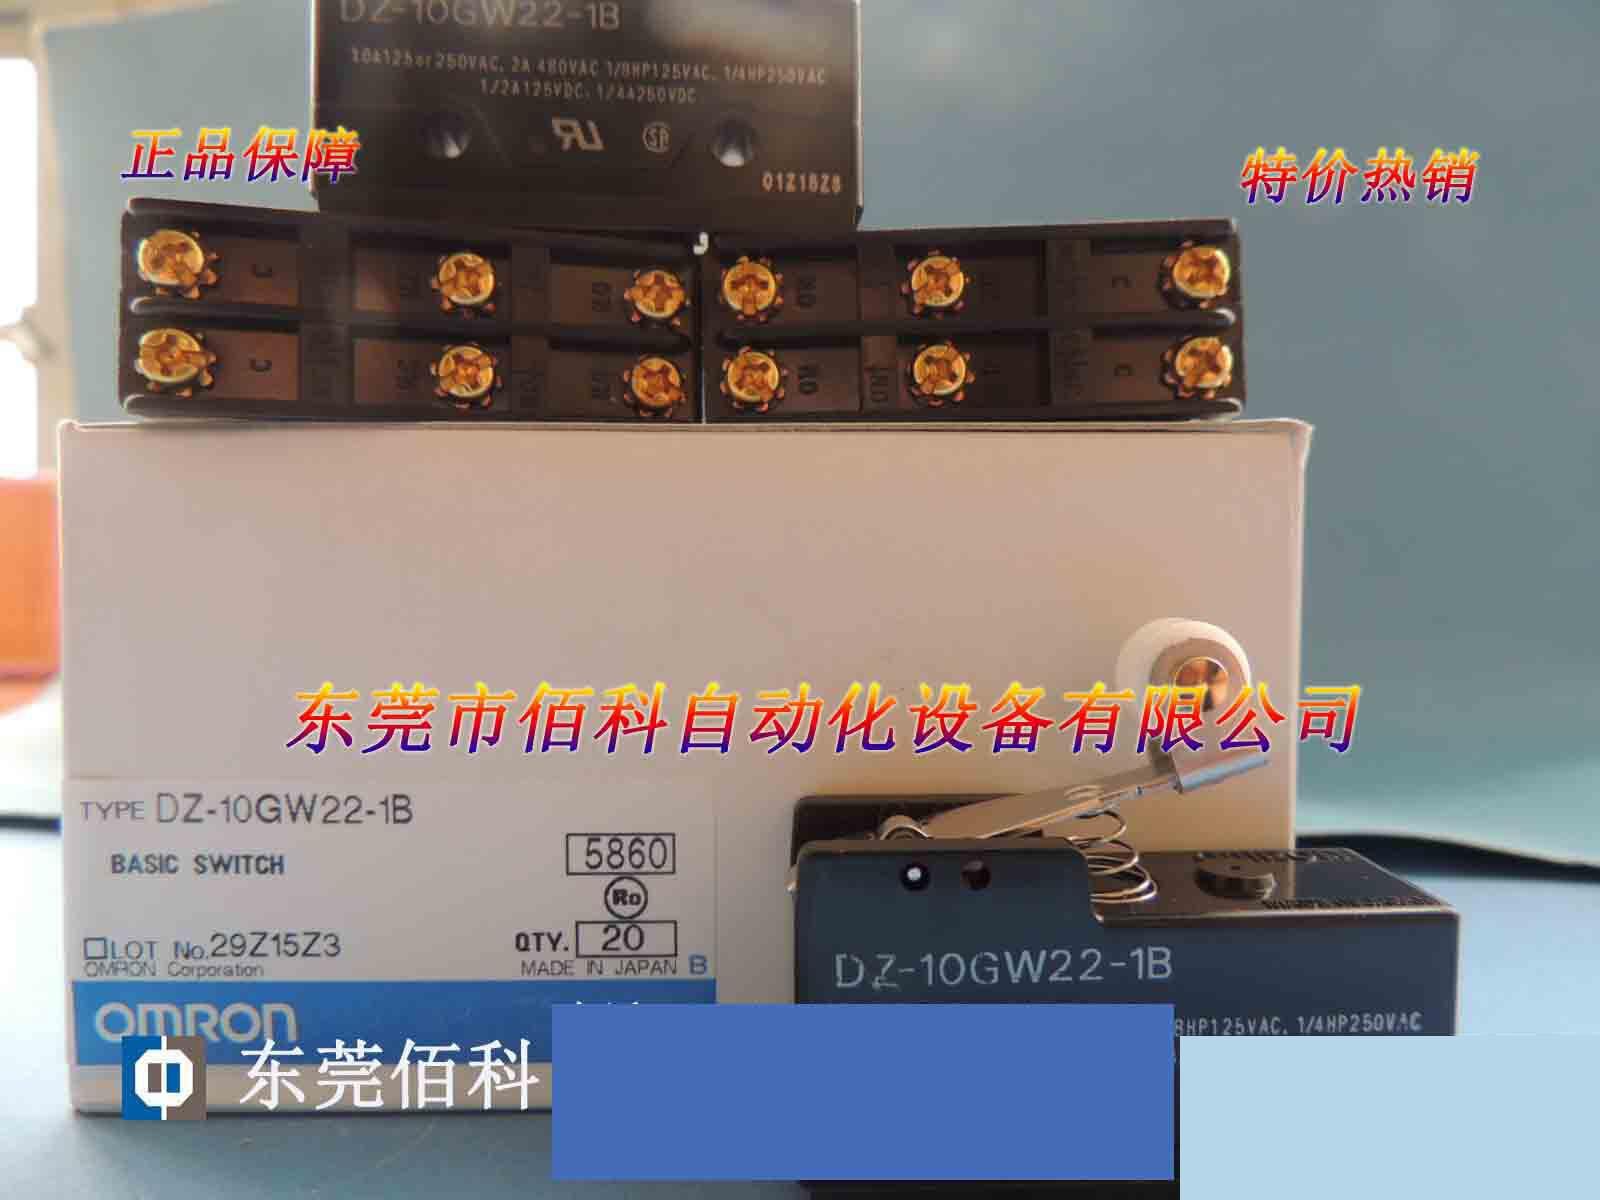 New Microswitch DZ-10GW22-1B